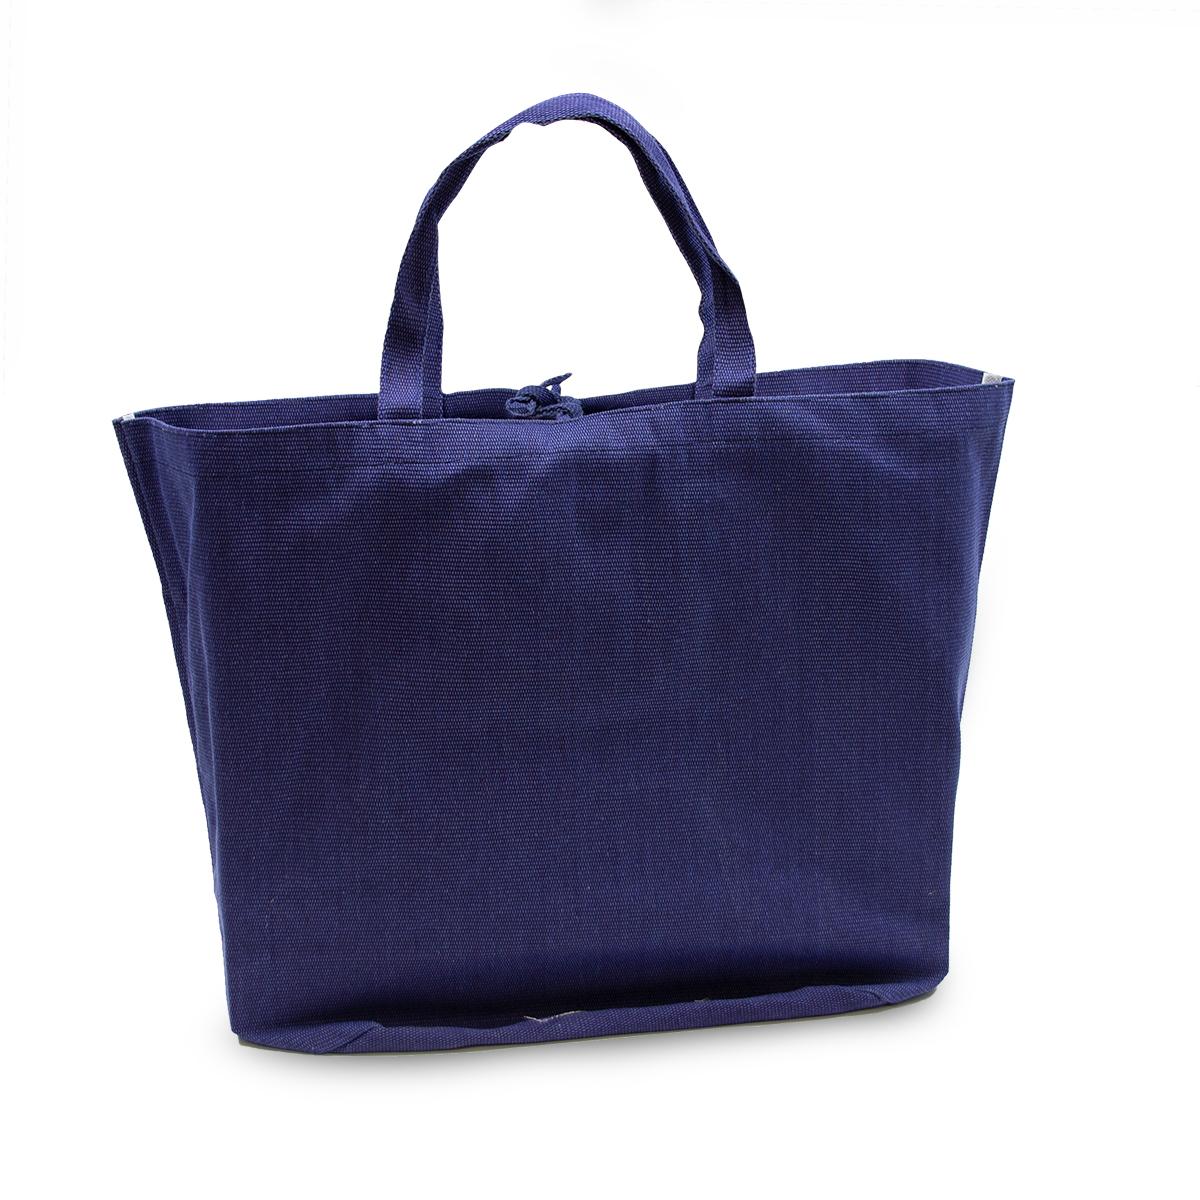 tassen-katoen-paars-product